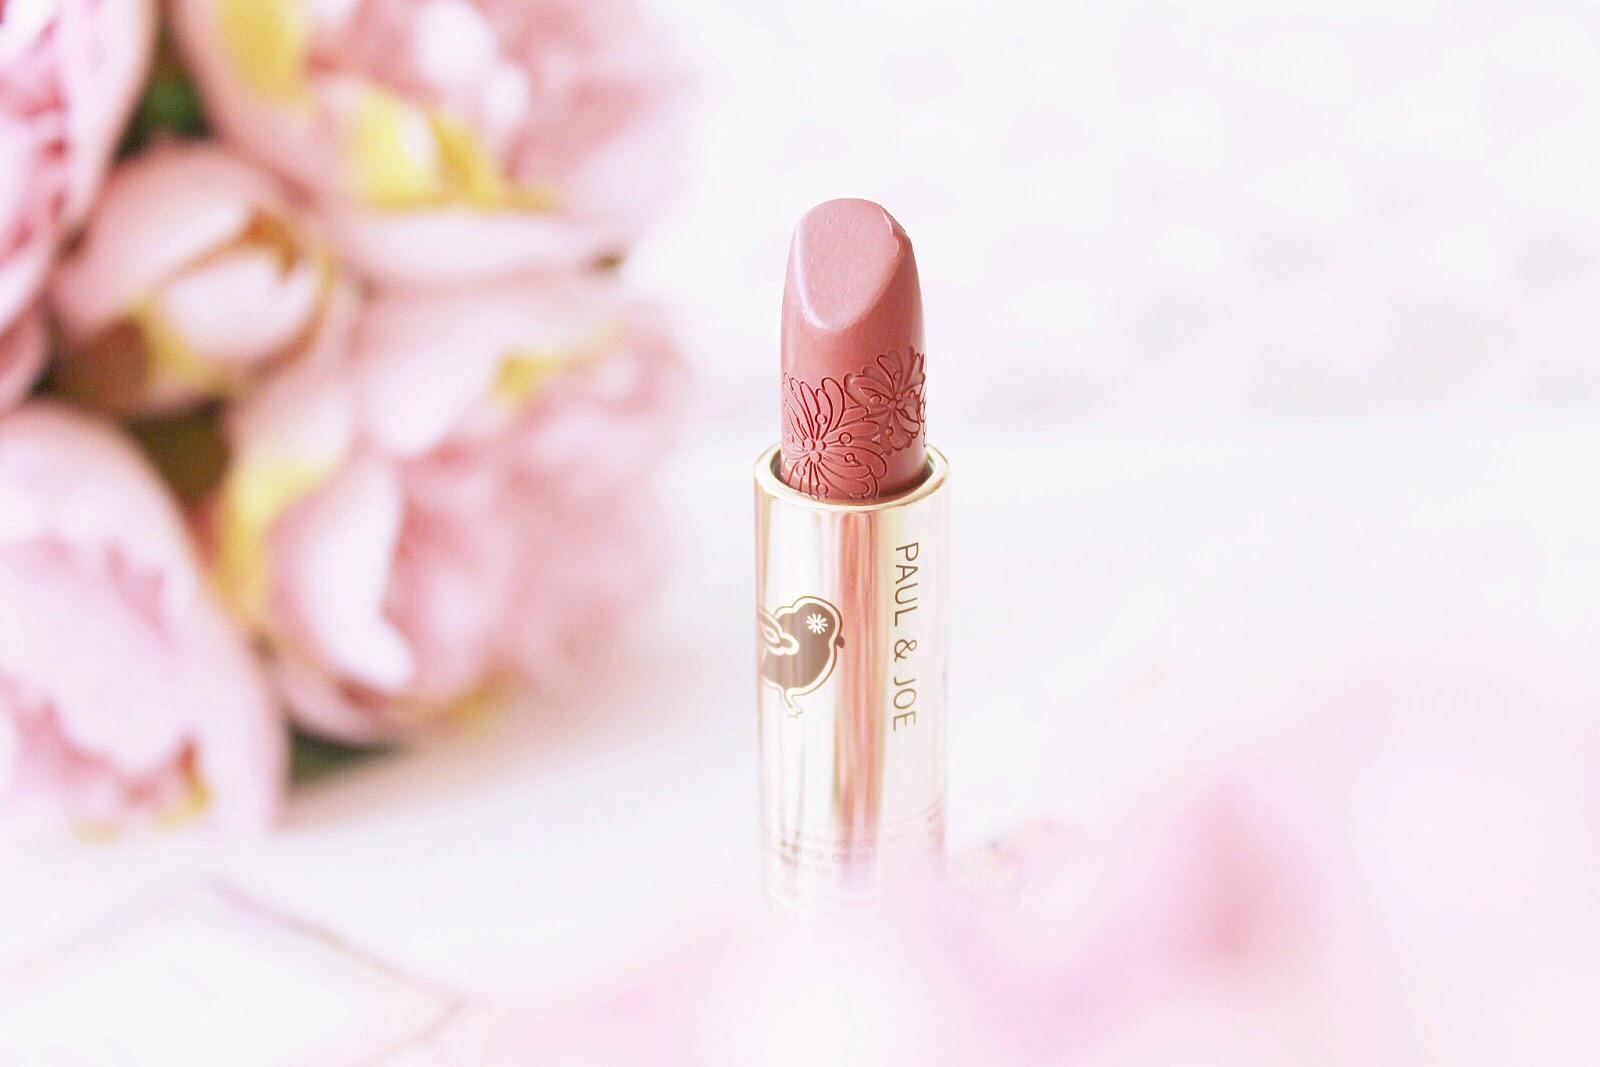 Peanut butter, lipstick & flowers